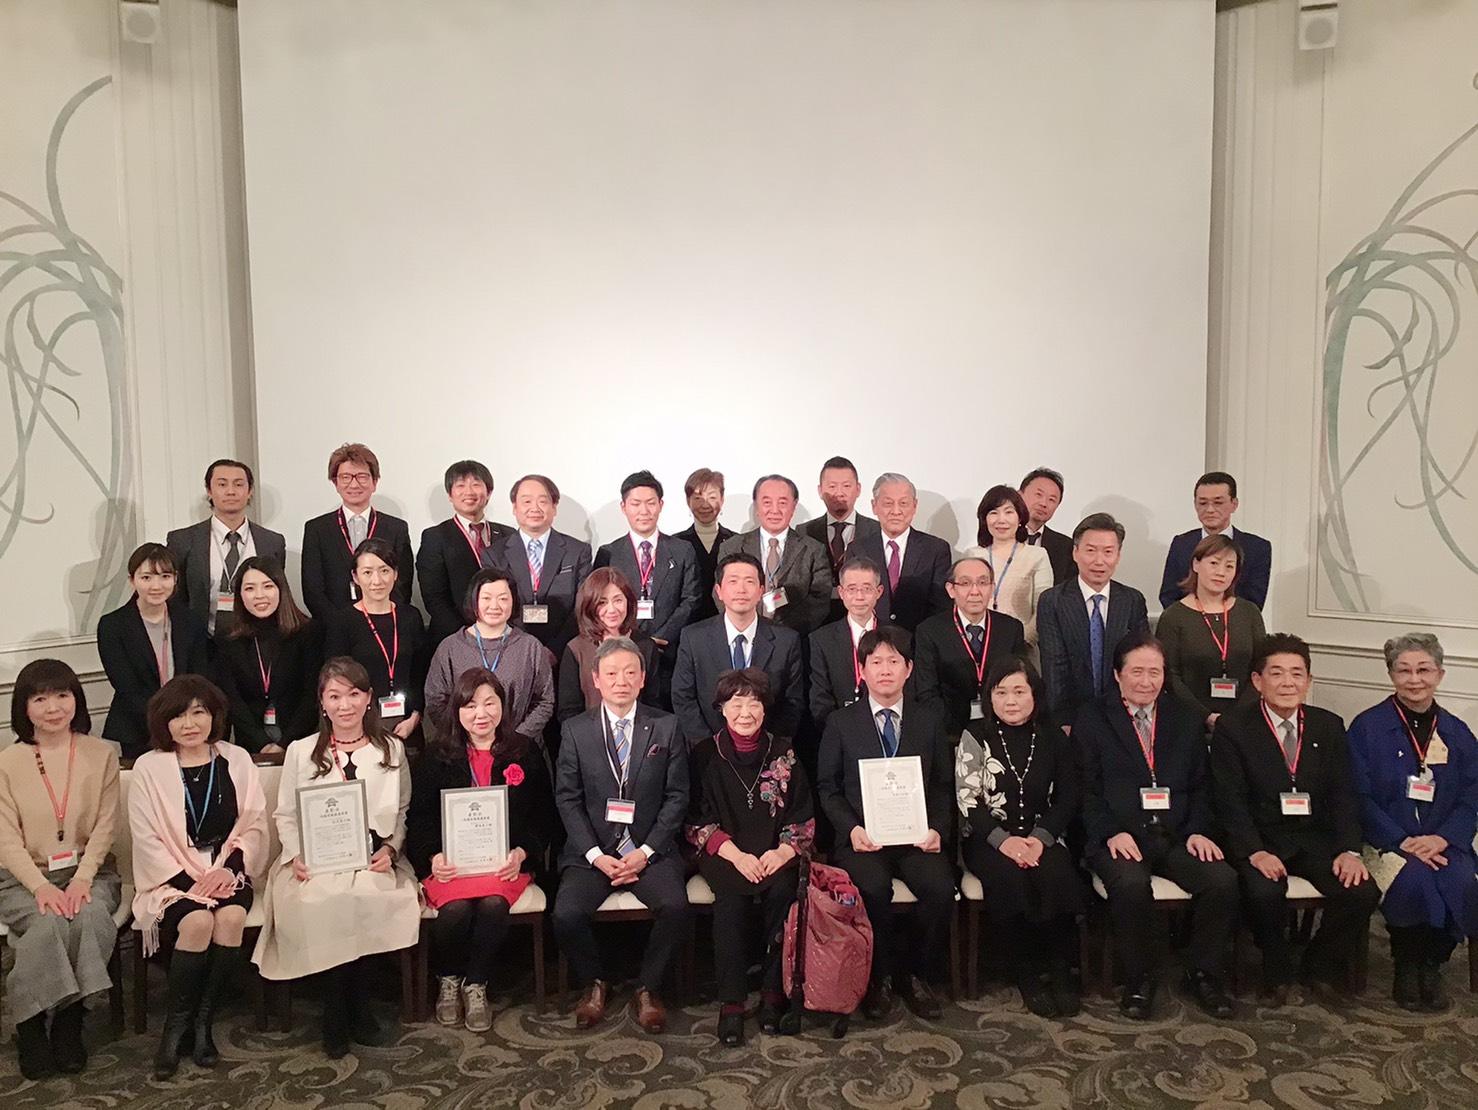 2020年 日本ブライダル連盟 西日本地区新年会💐に参加しました。